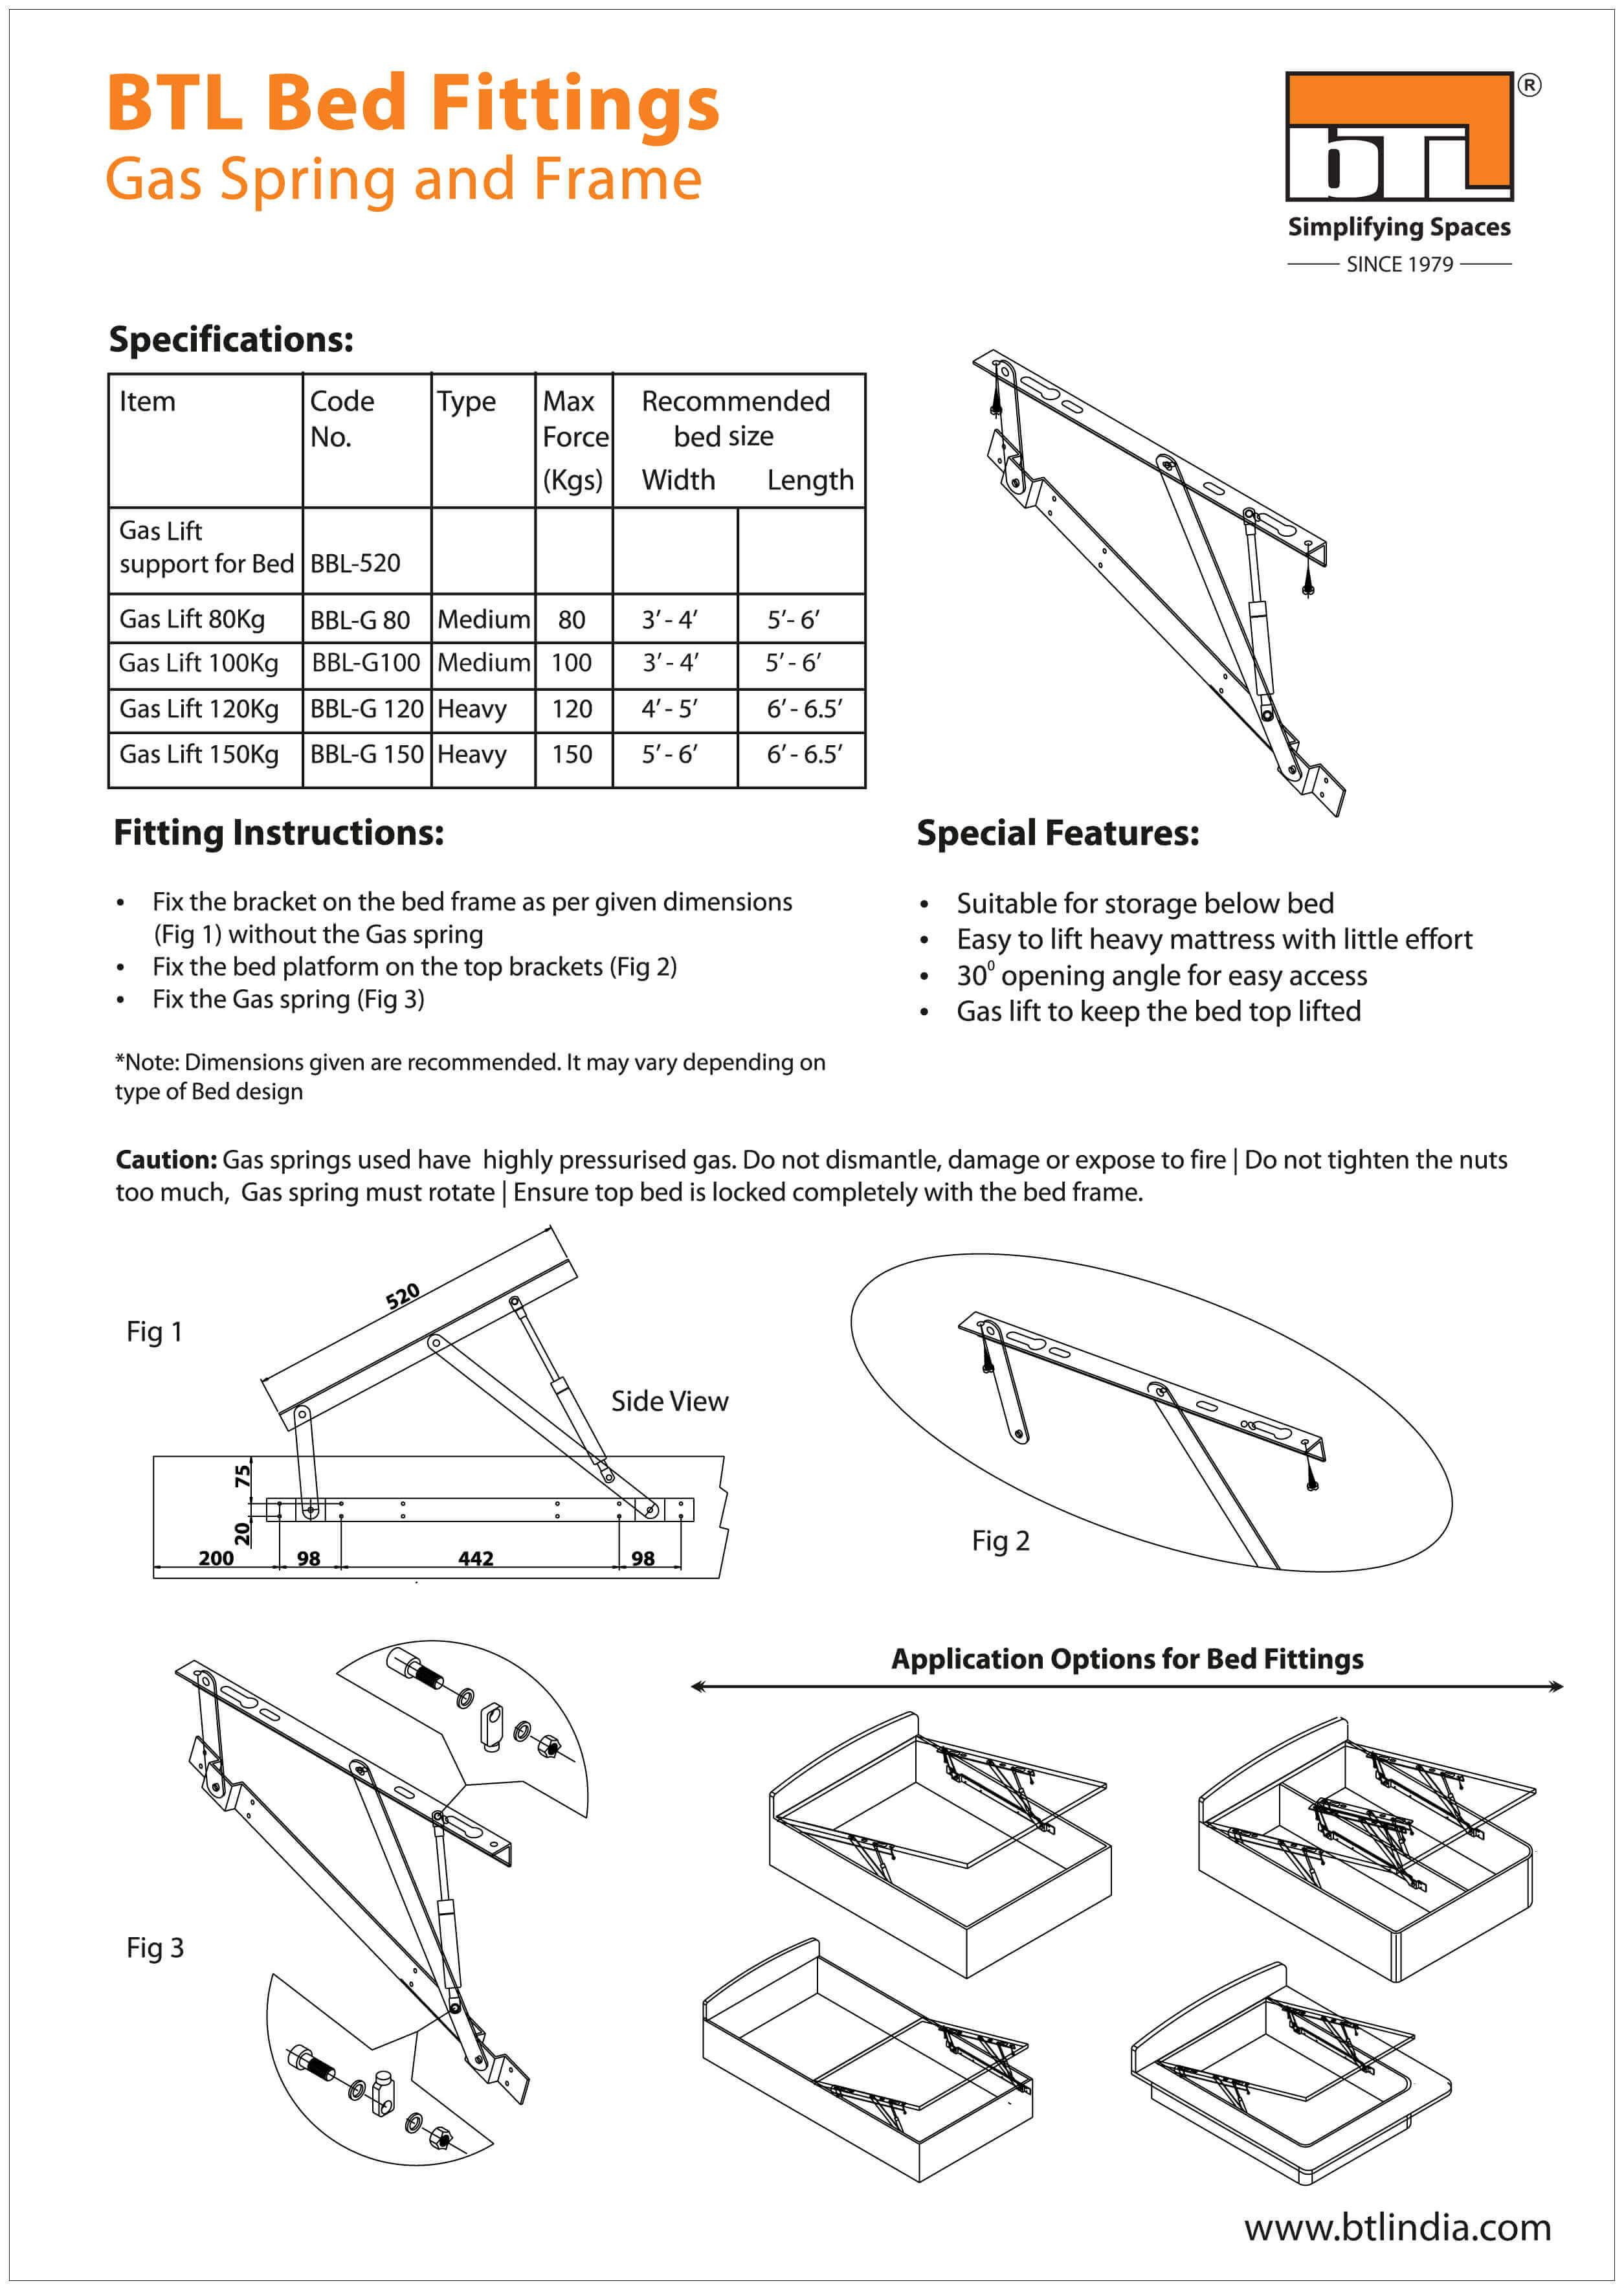 BTL Bed Fitting Lift Support Regular - BBL- 520